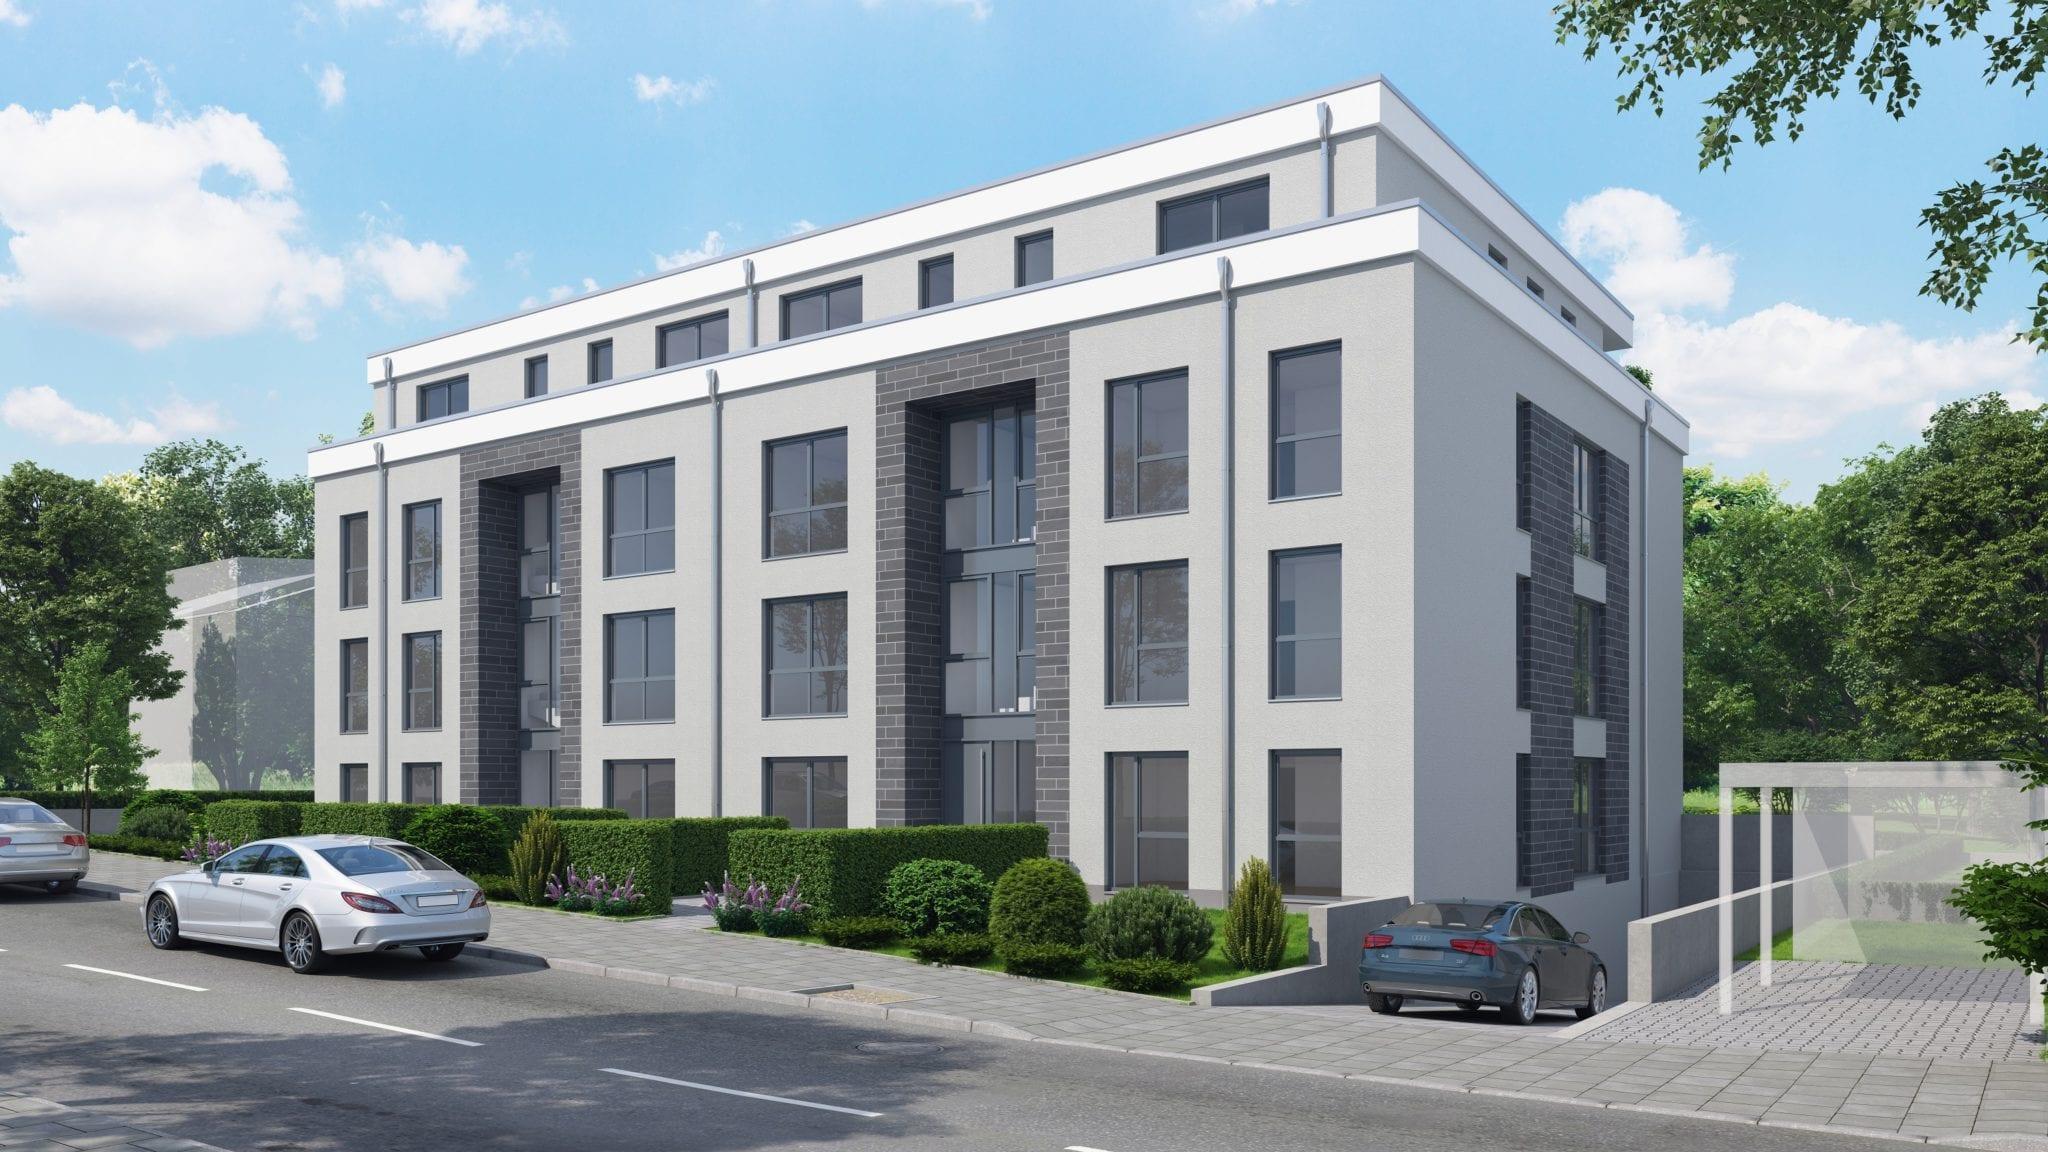 Bochumer Wohnungsmarkt ist äußerst attraktiv: Wiemelhauser Straße an Gesamtinvestor veräußert